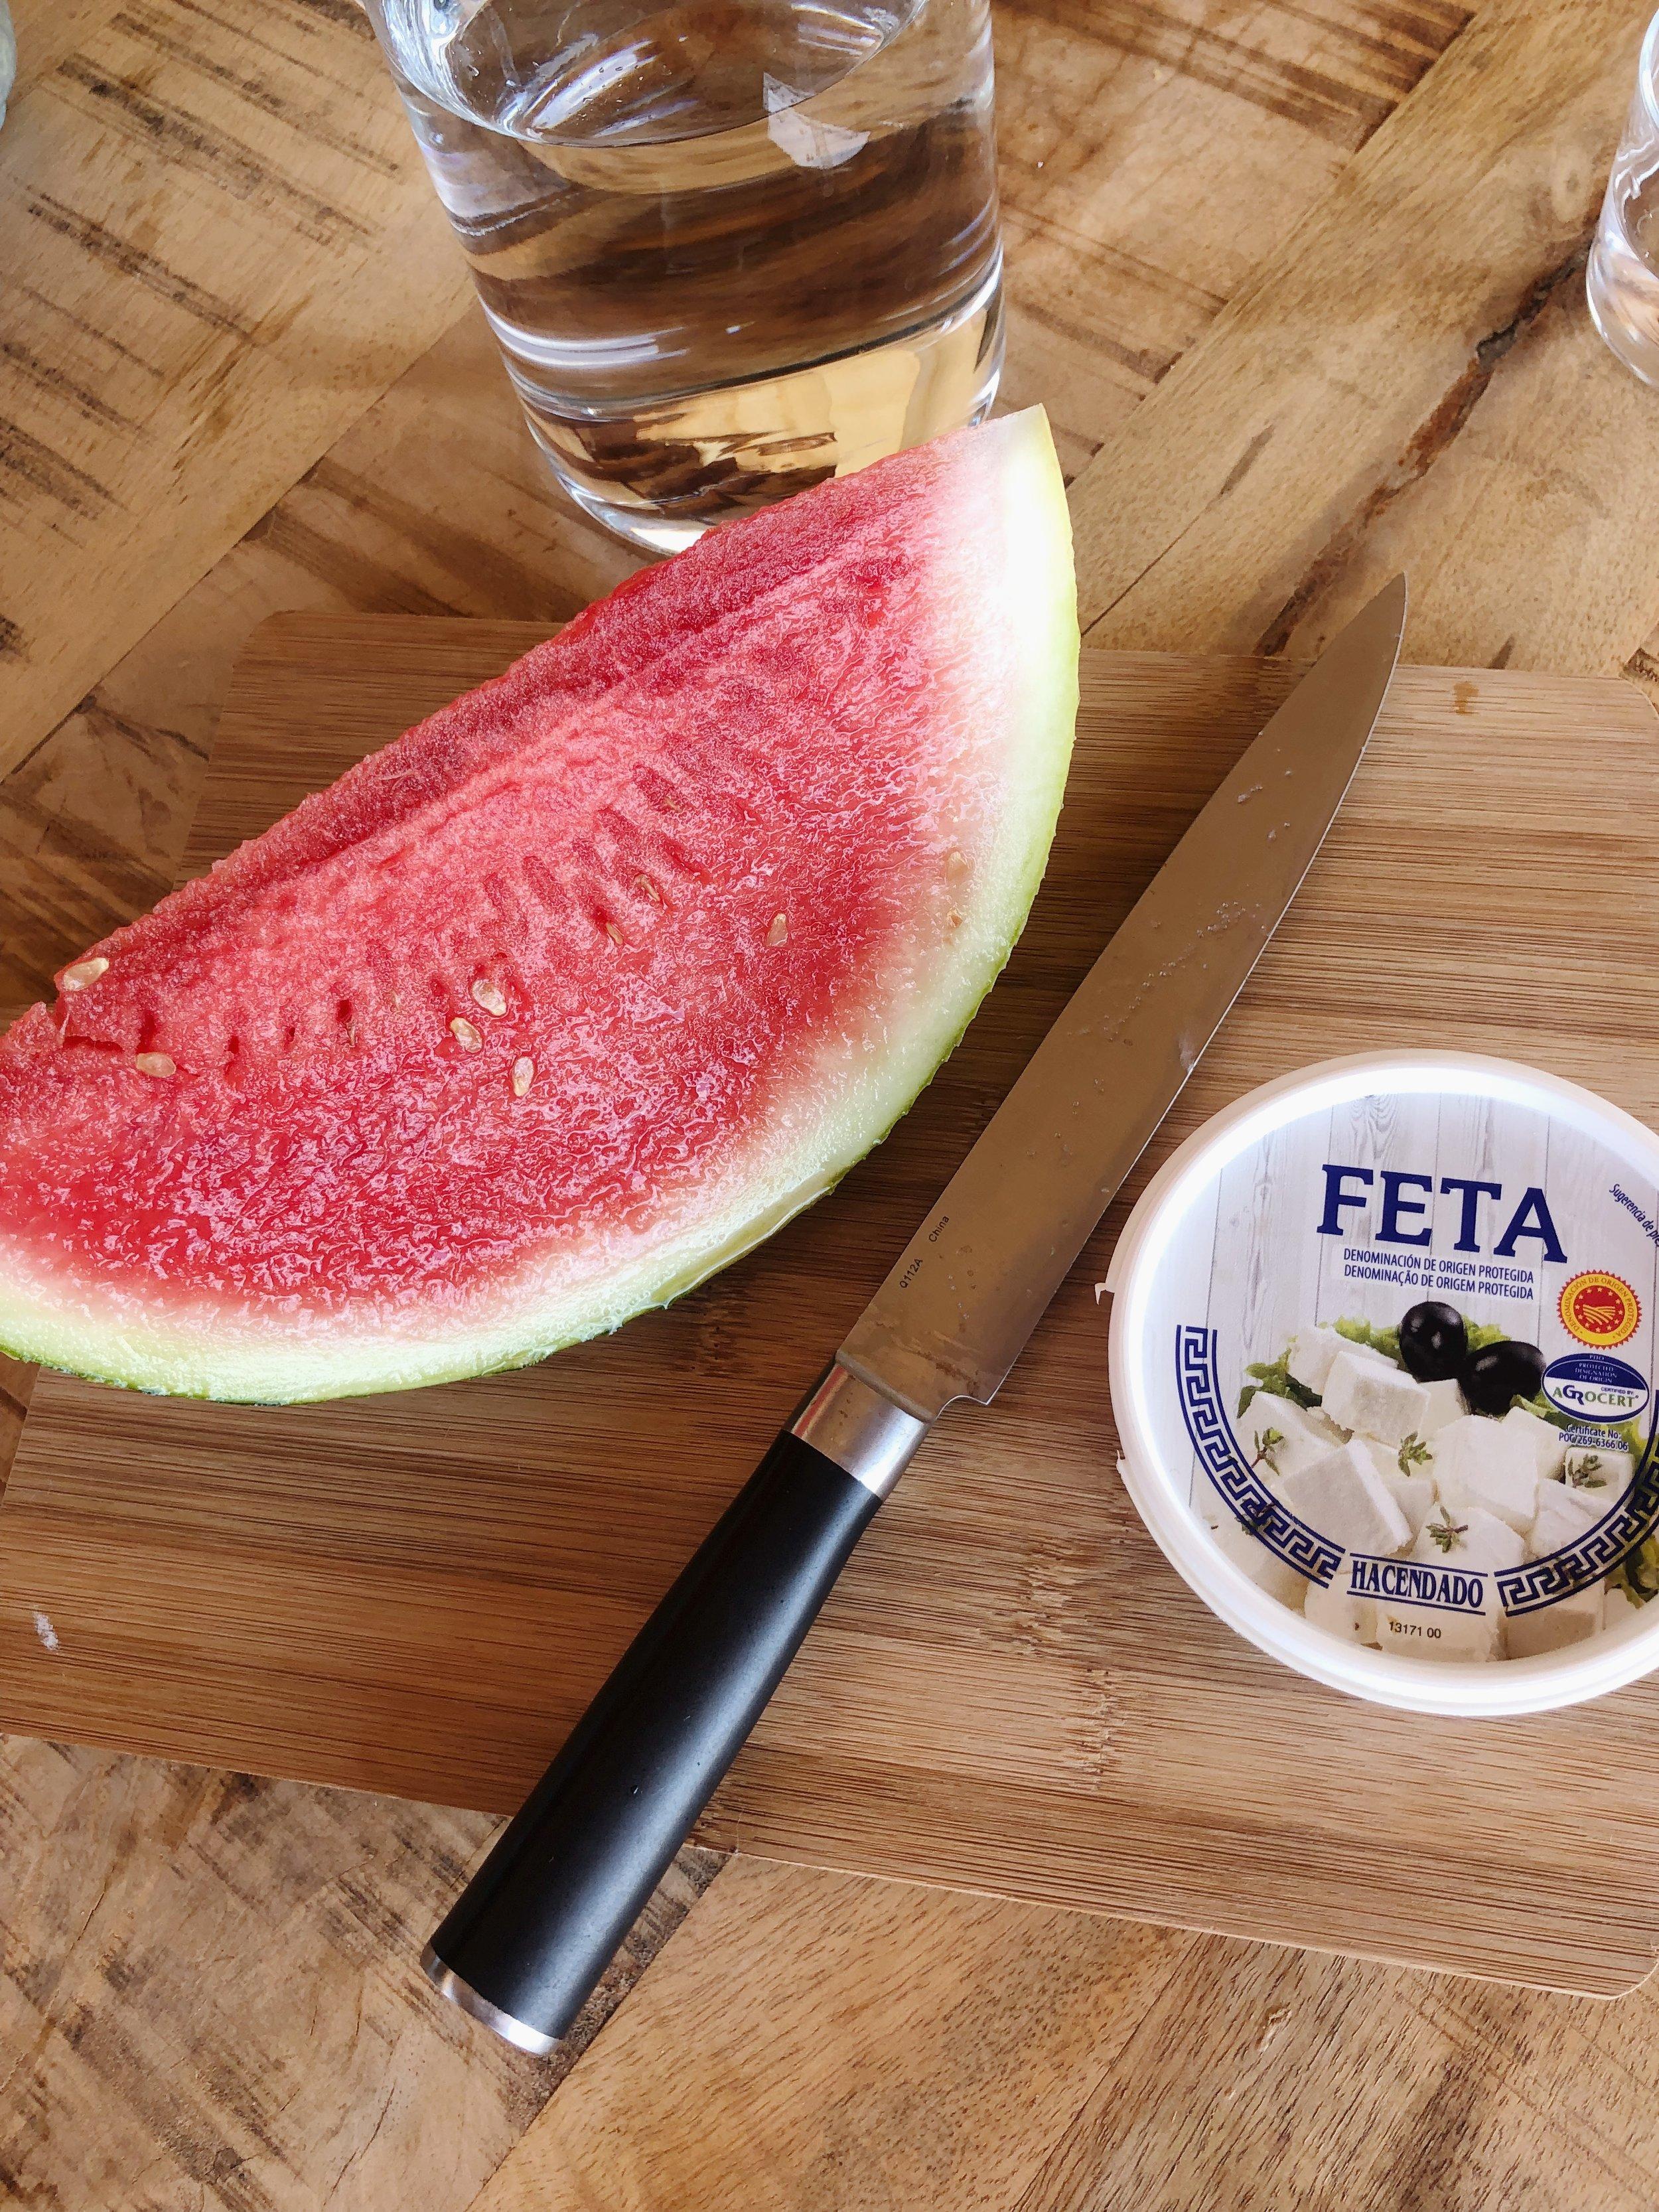 4. Step - Den Feta in kleine Stücke schneiden und zum Salat geben. Die gewaschene Pfefferminze in kleine Stücke schneiden und unter die restlichen Zutaten mischen. Zwei bis drei schöne Blätter für die Deko aufbewahren.